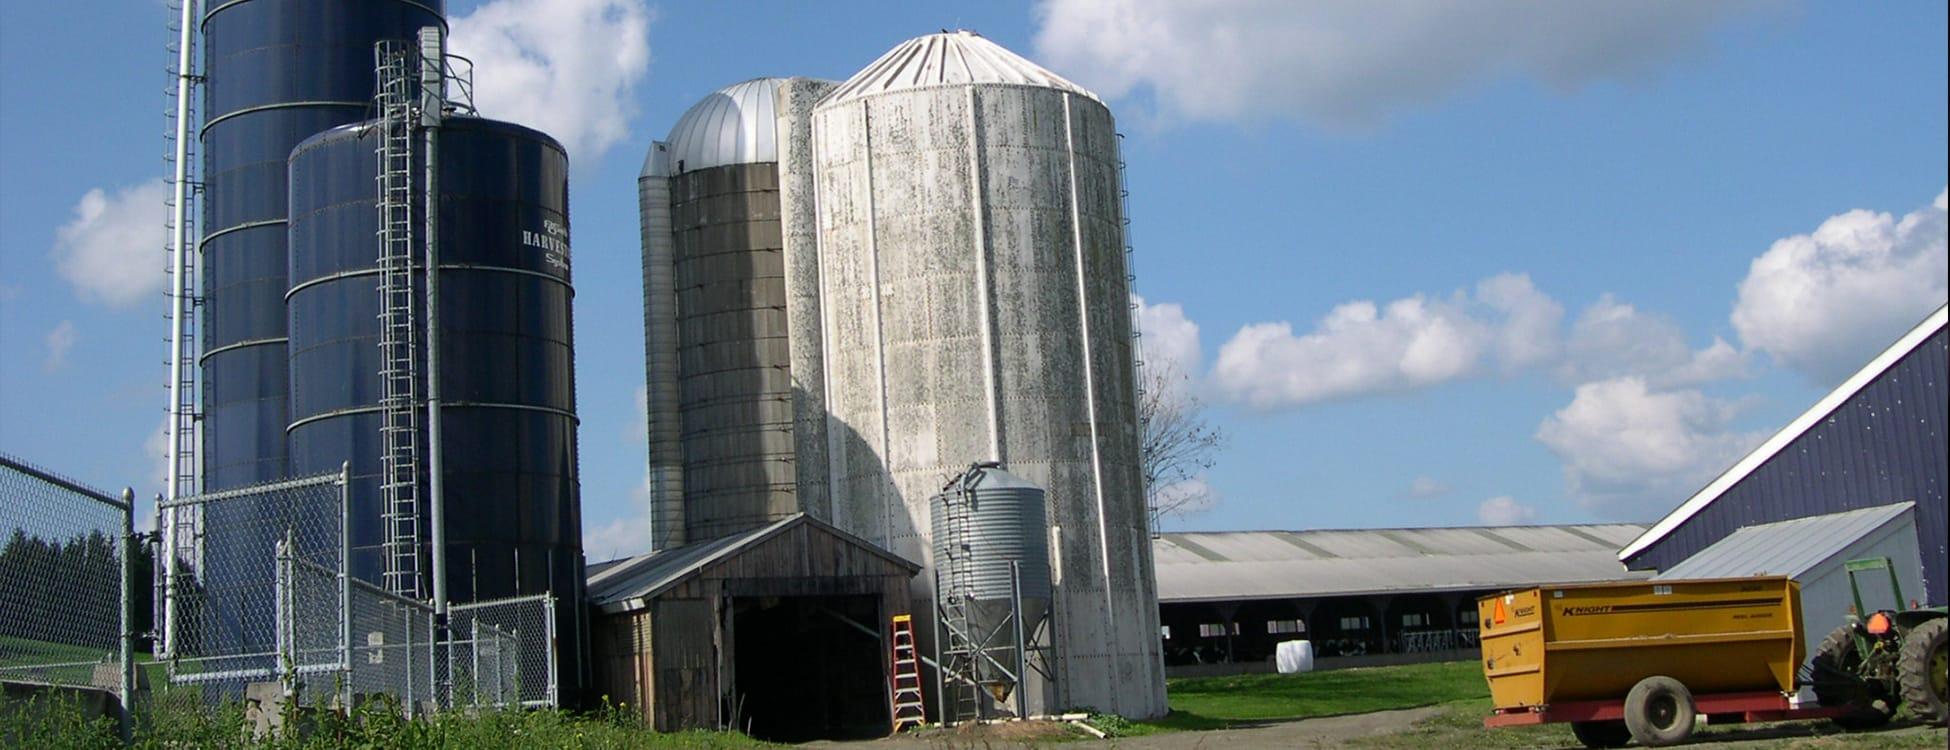 Vermont Tech farm, Randolph Center